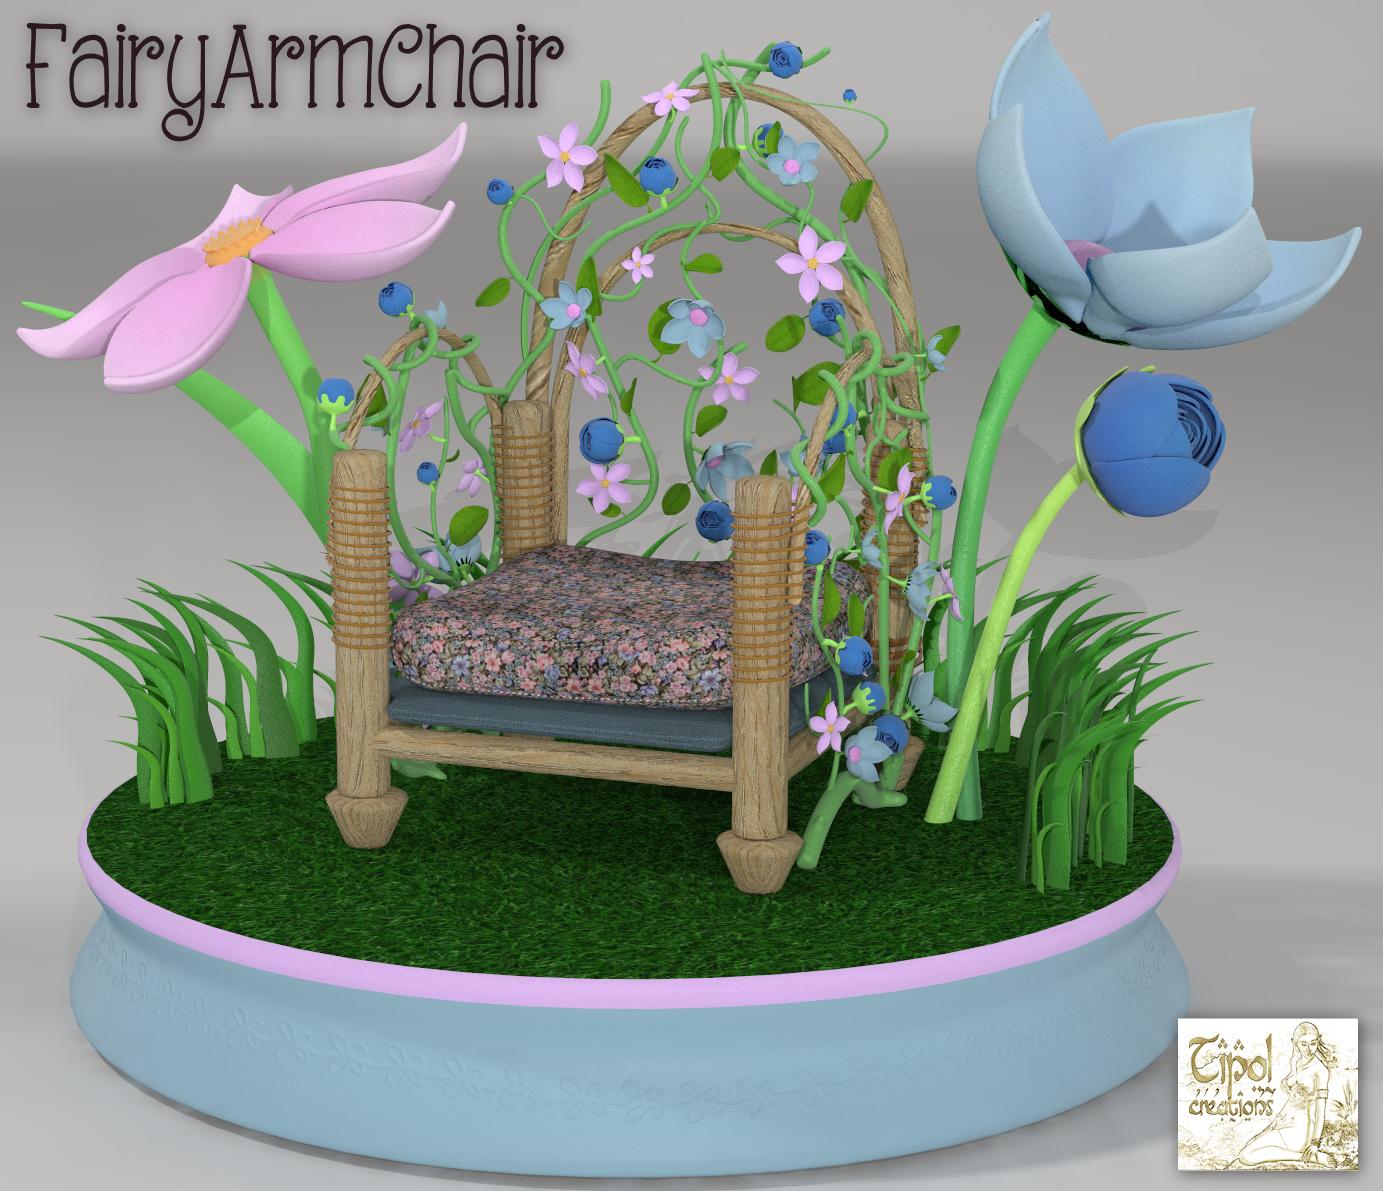 Fairyarmchair promo1